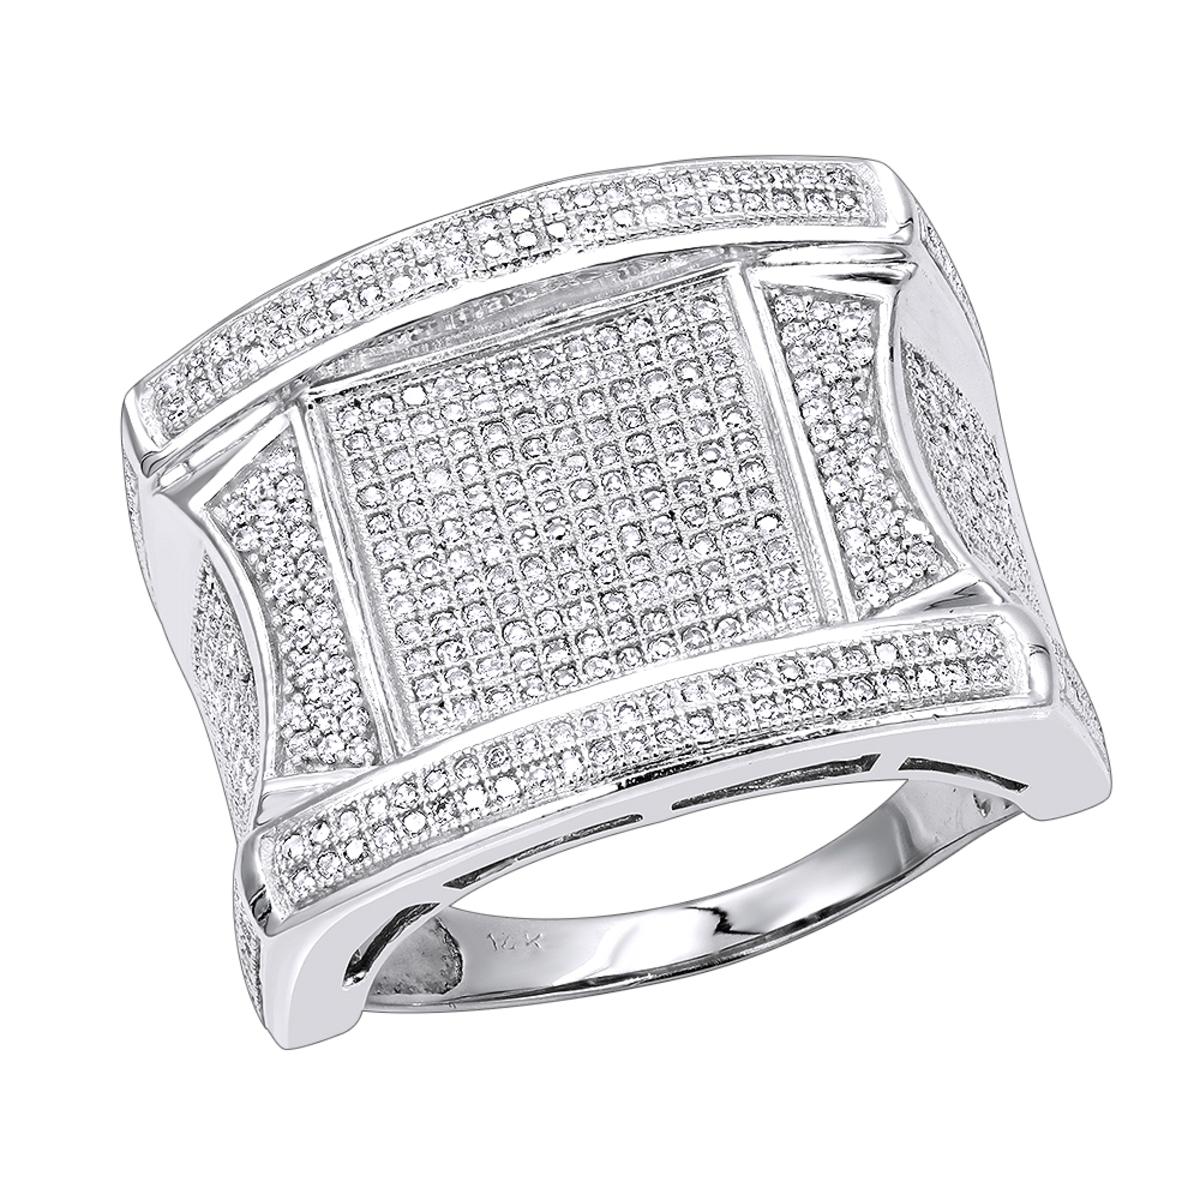 Mens Unique Diamond Ring 14K 1.25ct